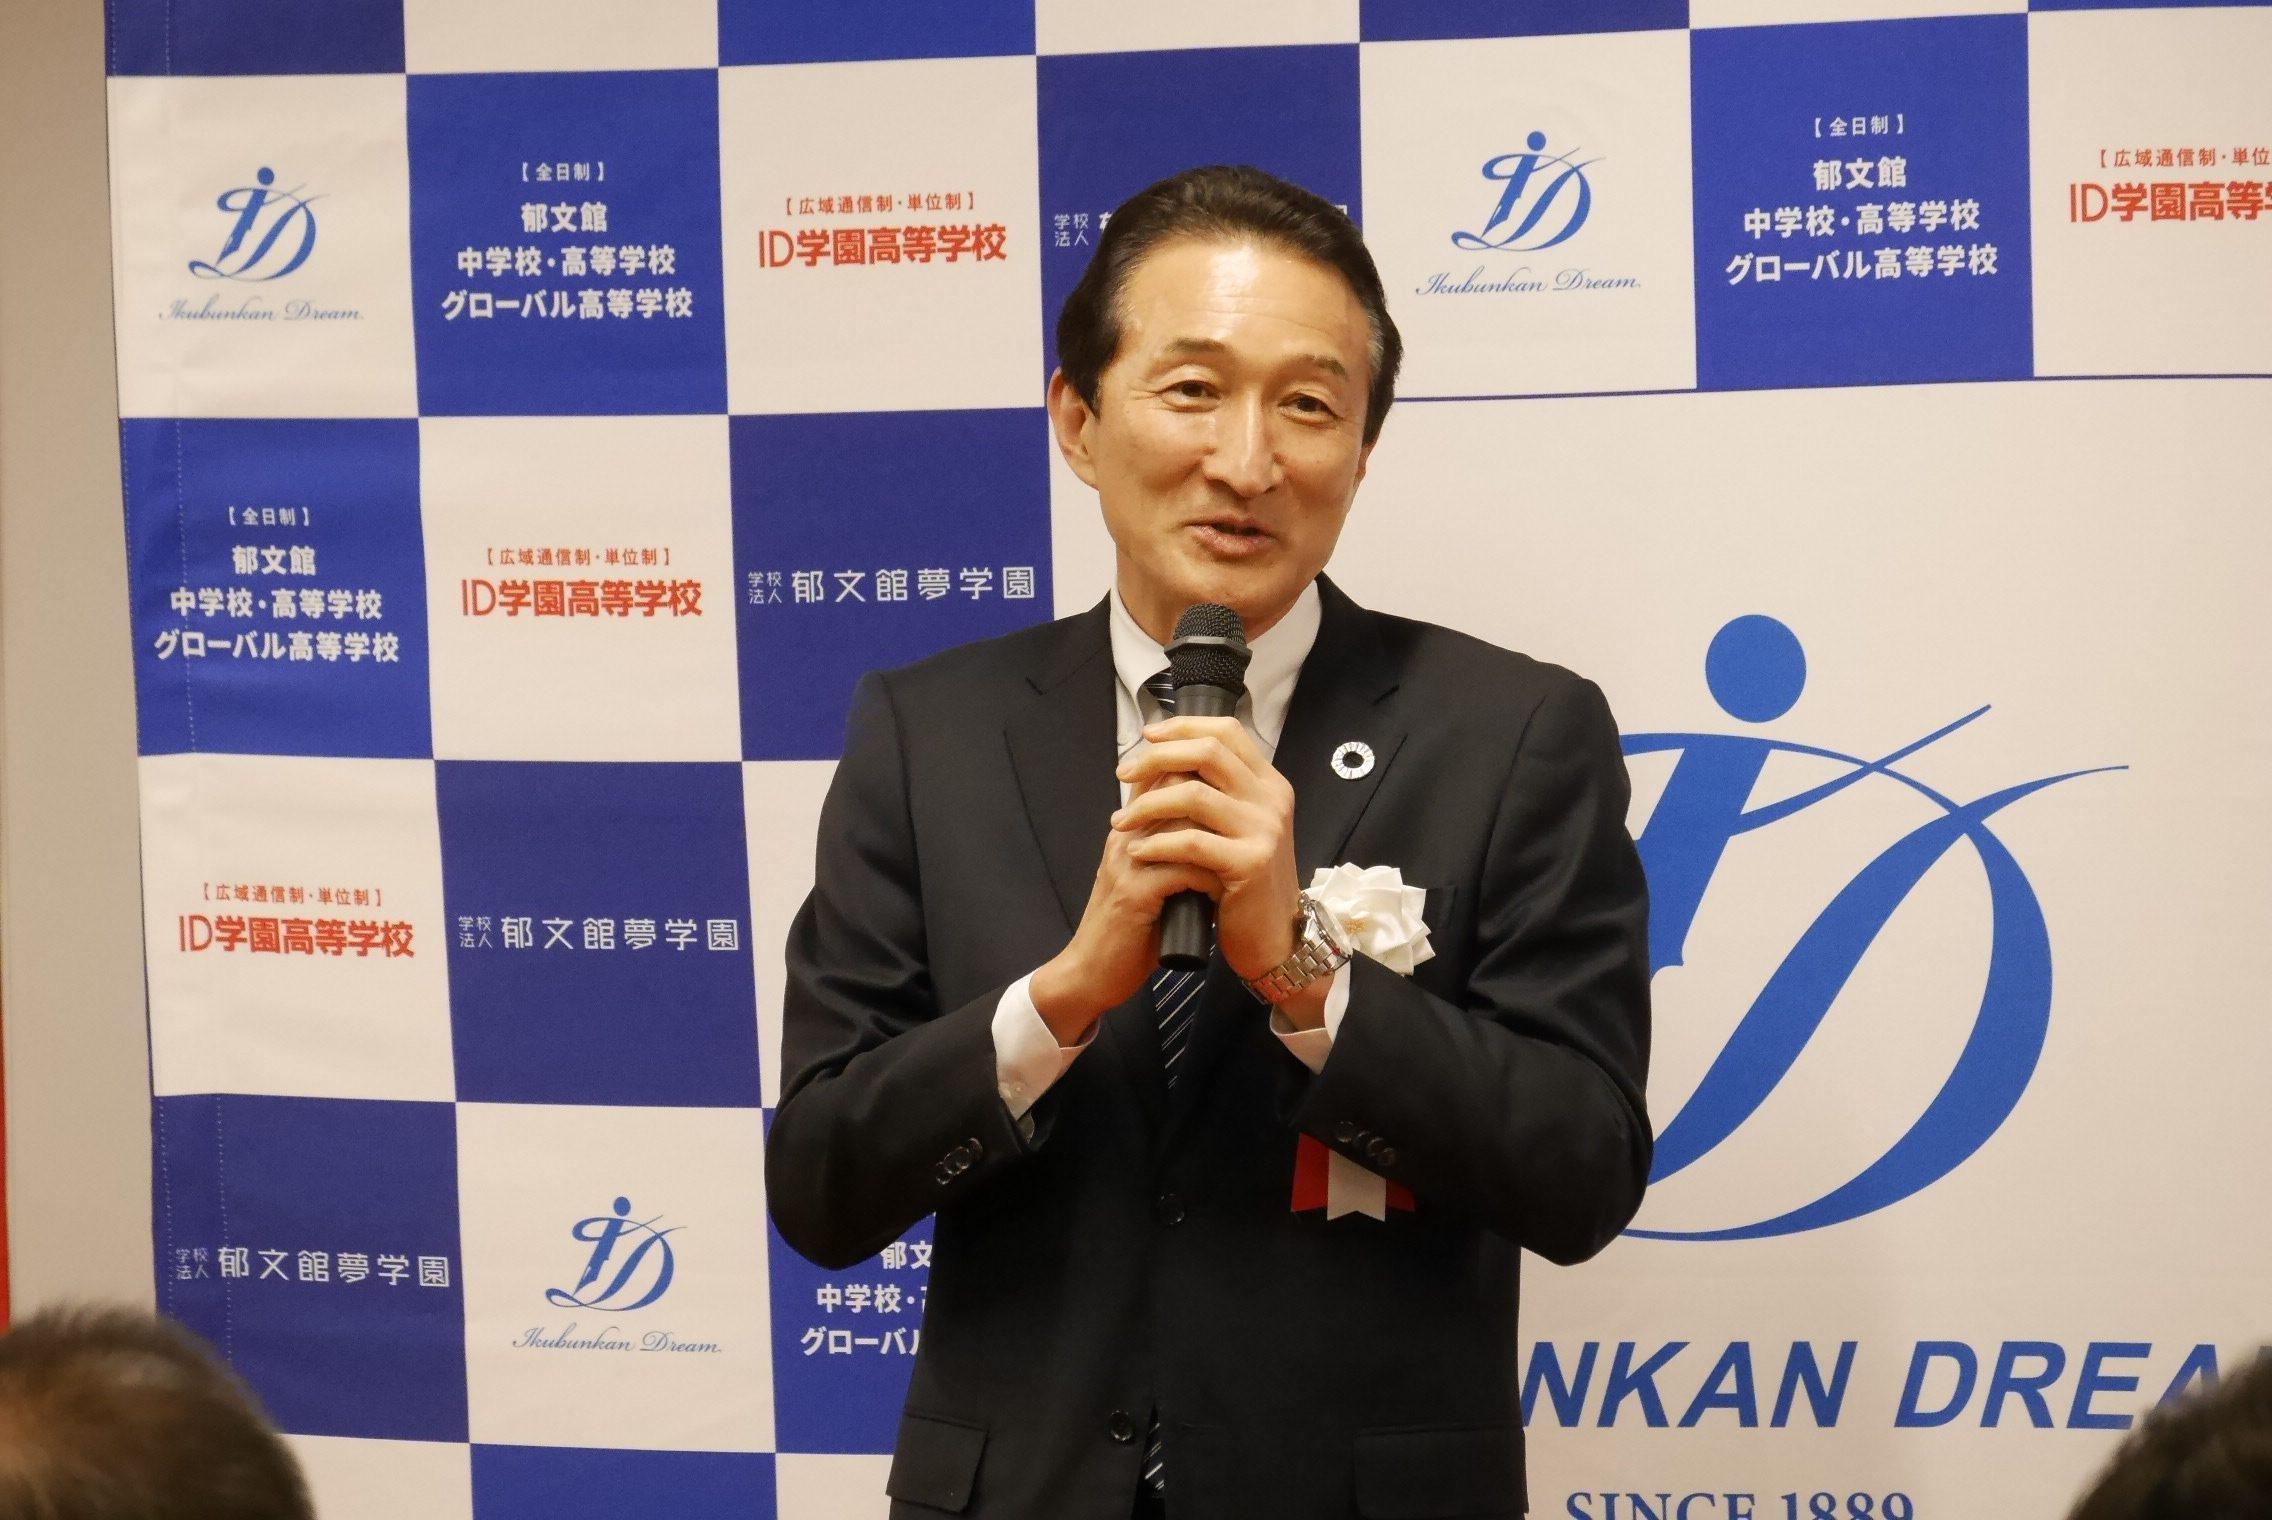 「通信制高校あるじゃん!」に新東京本部校開校式の様子を掲載いただきました